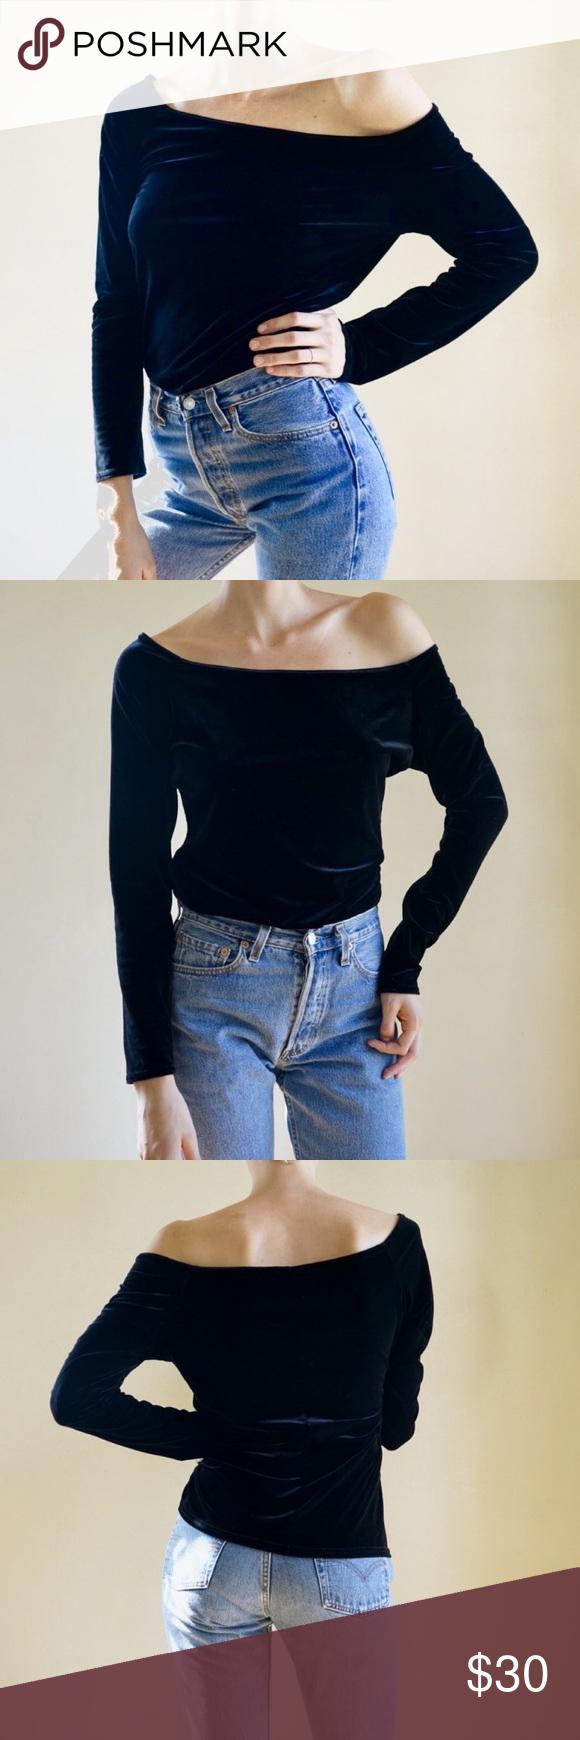 2bcde87b10294 Vintage 90s Express off the shoulder black velvet Black velvet vintage  Express Tricot off the shoulder long sleeve top. Fits like women s L but  modeled on ...